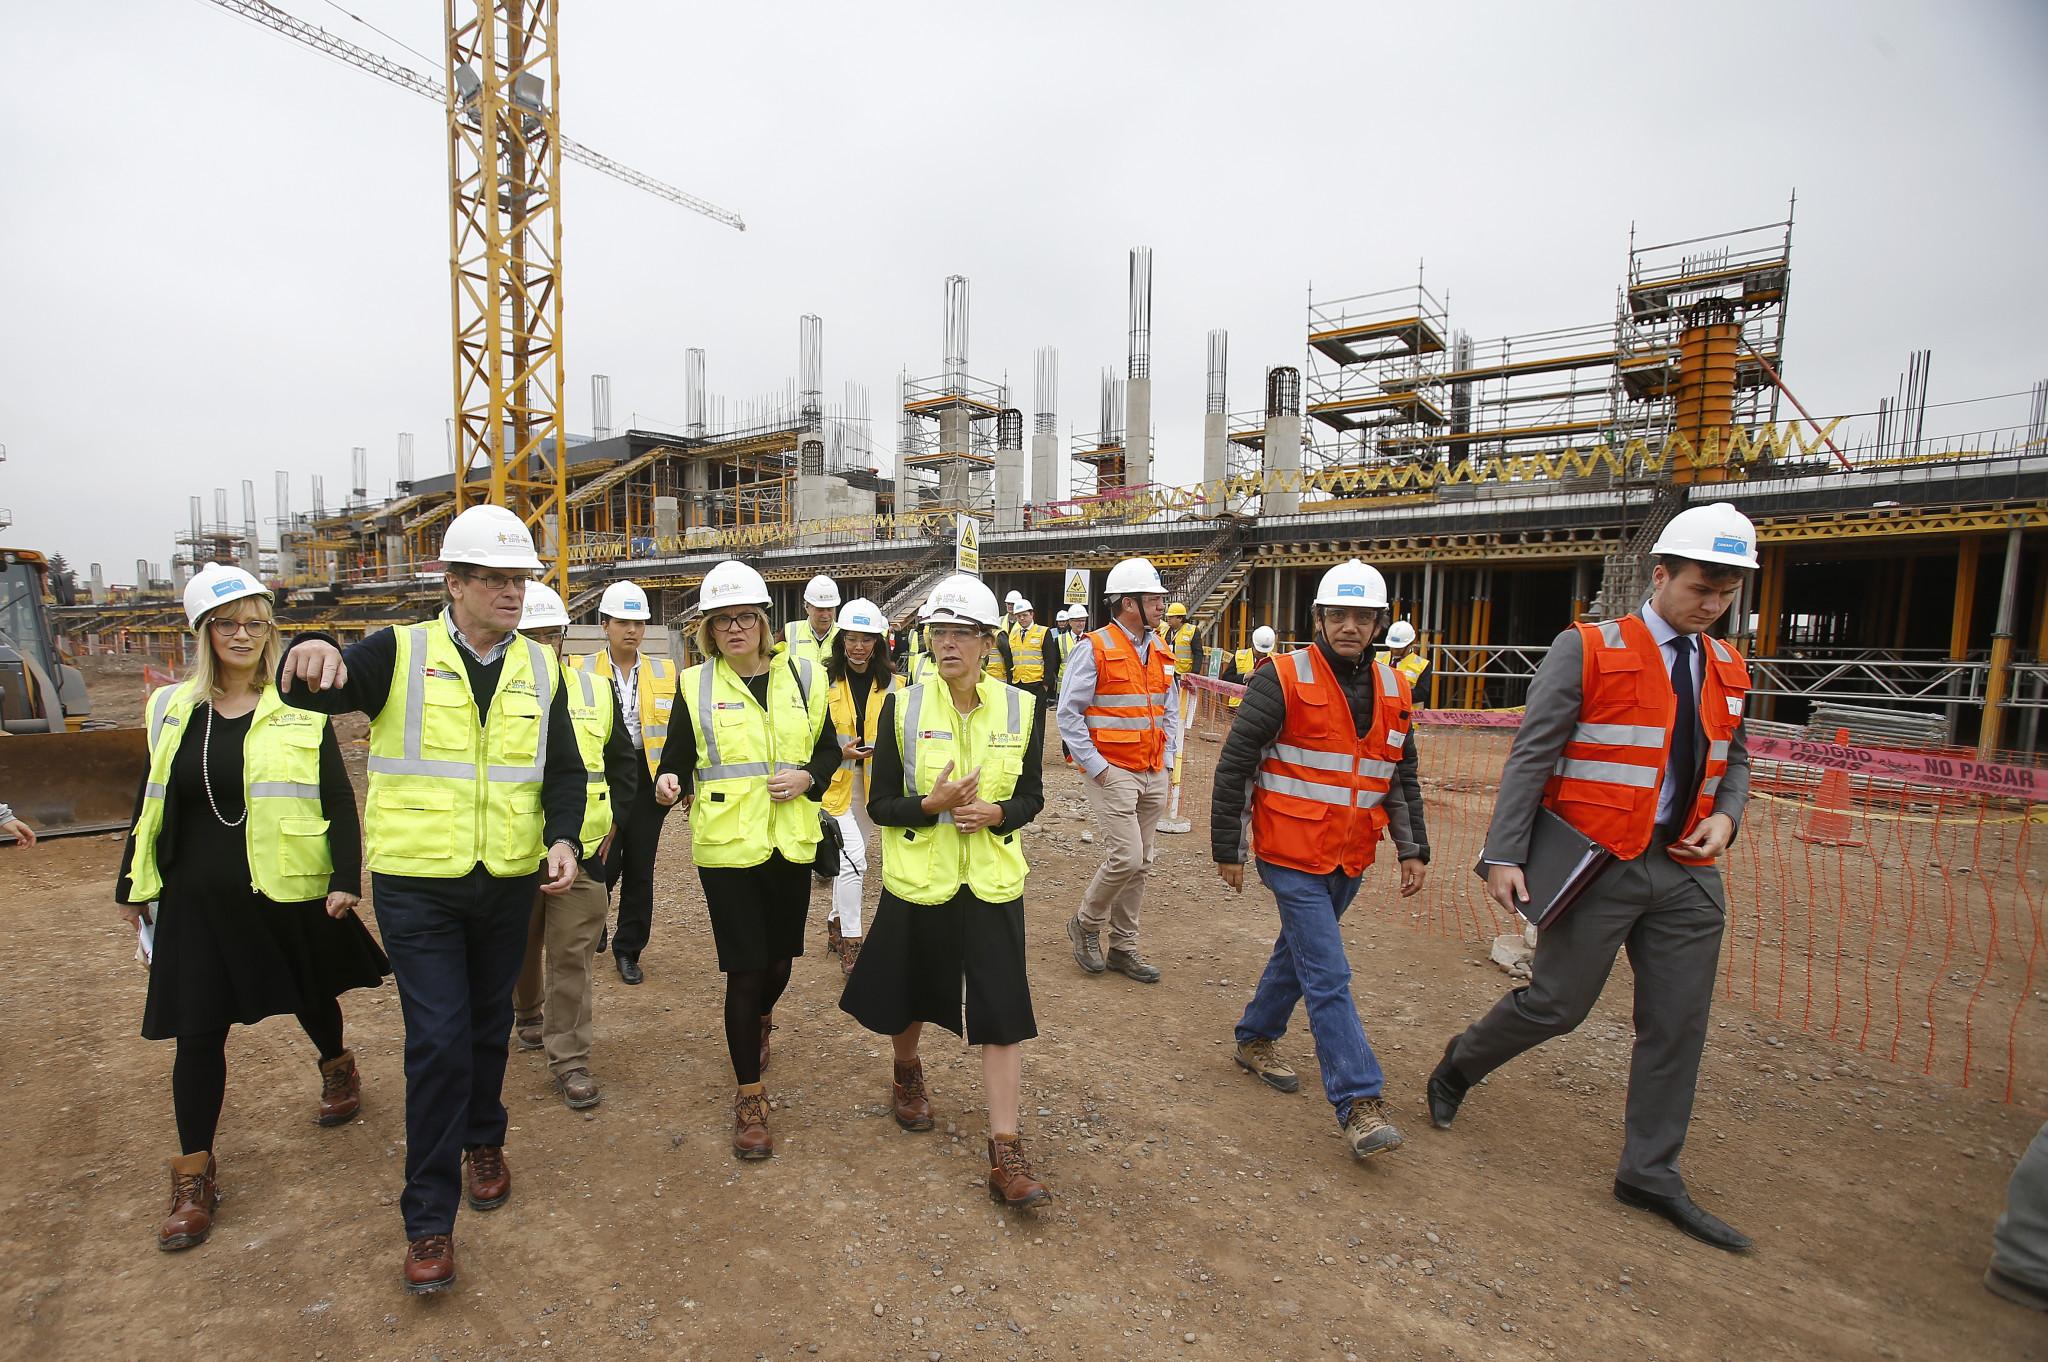 British Minister visits Lima 2019 venue cluster